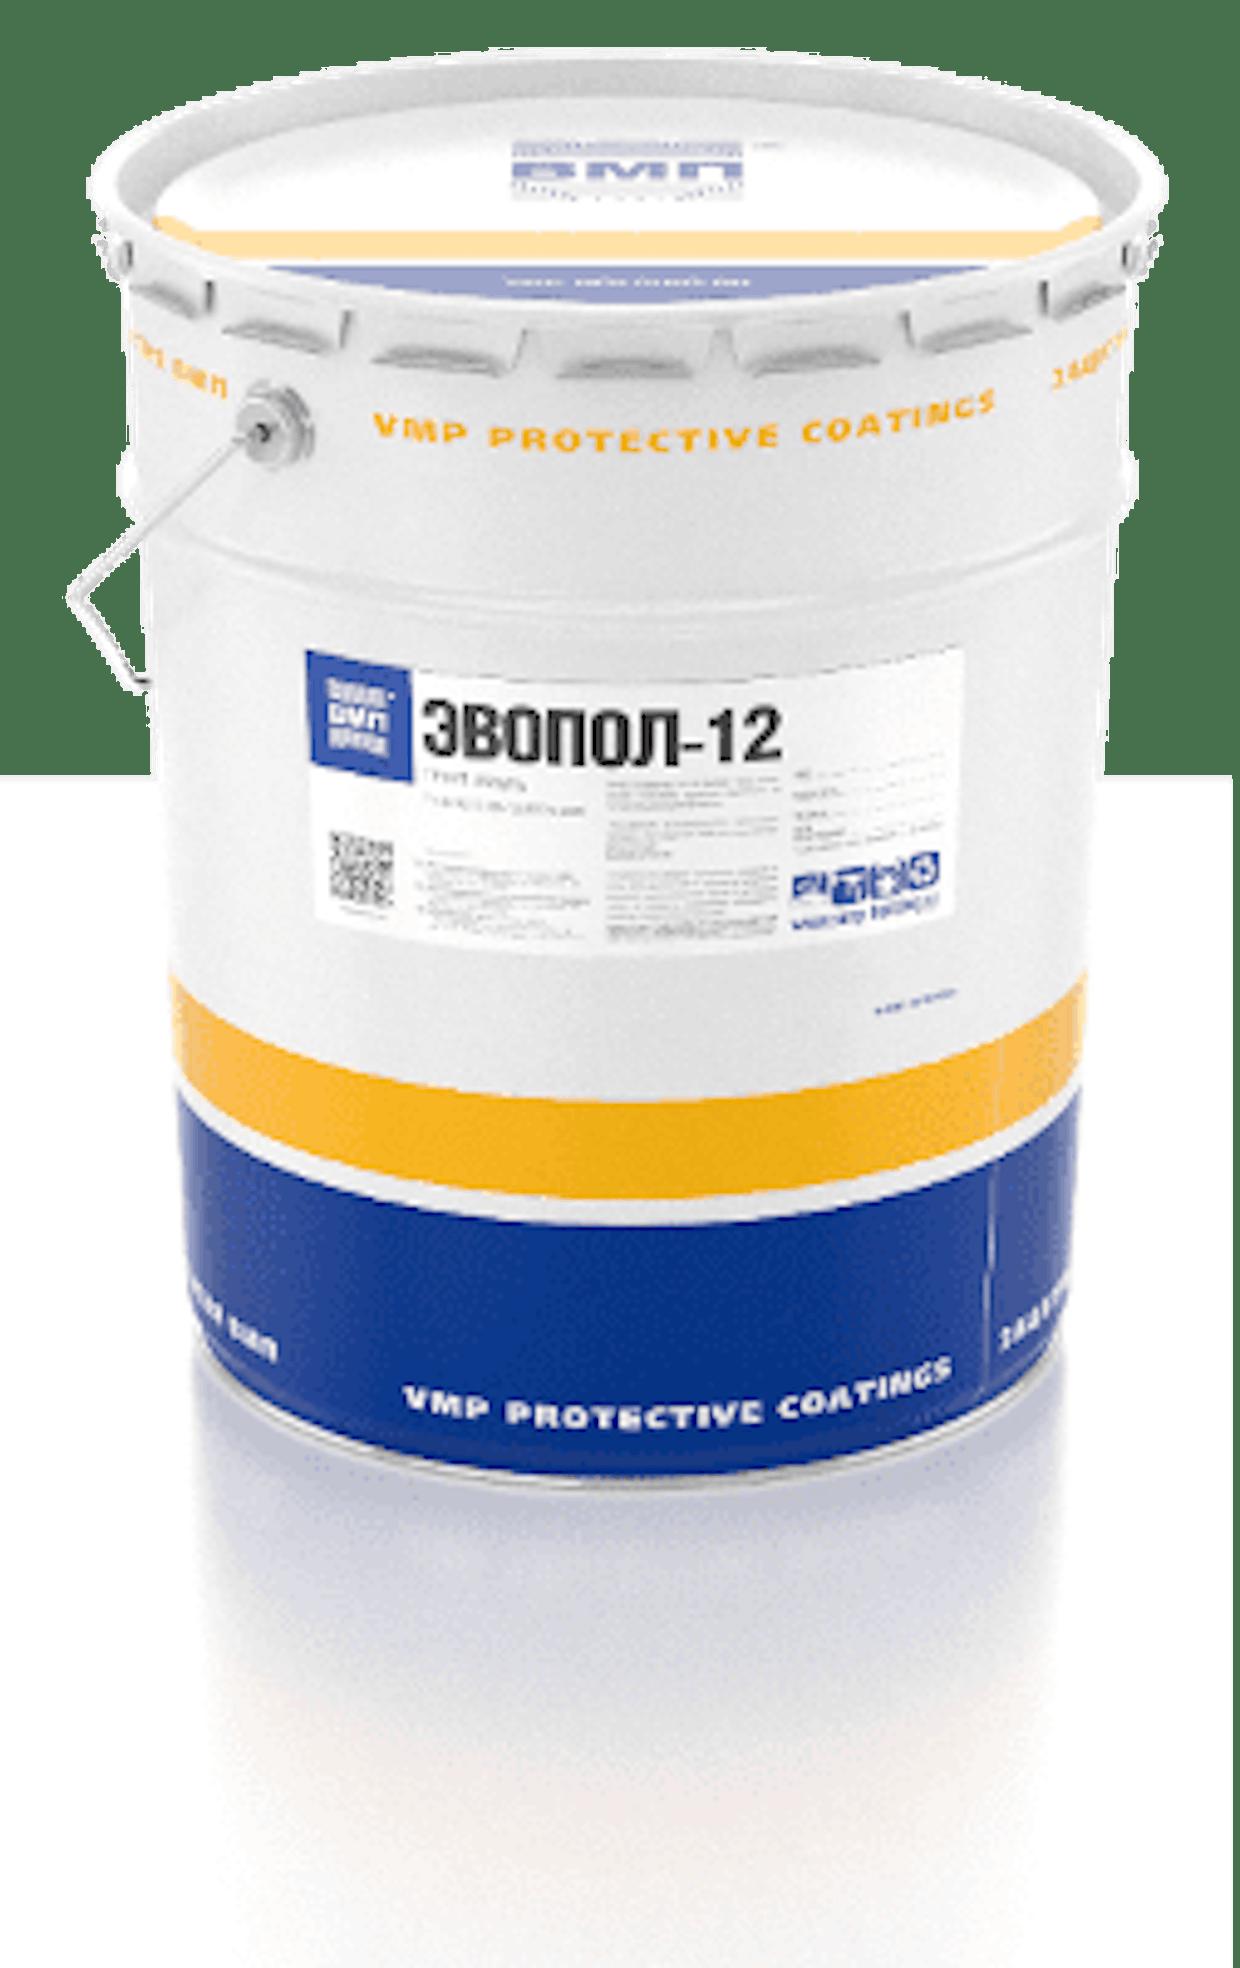 Грунт-эмаль ЭВОПОЛ–12 для защиты металла и бетона